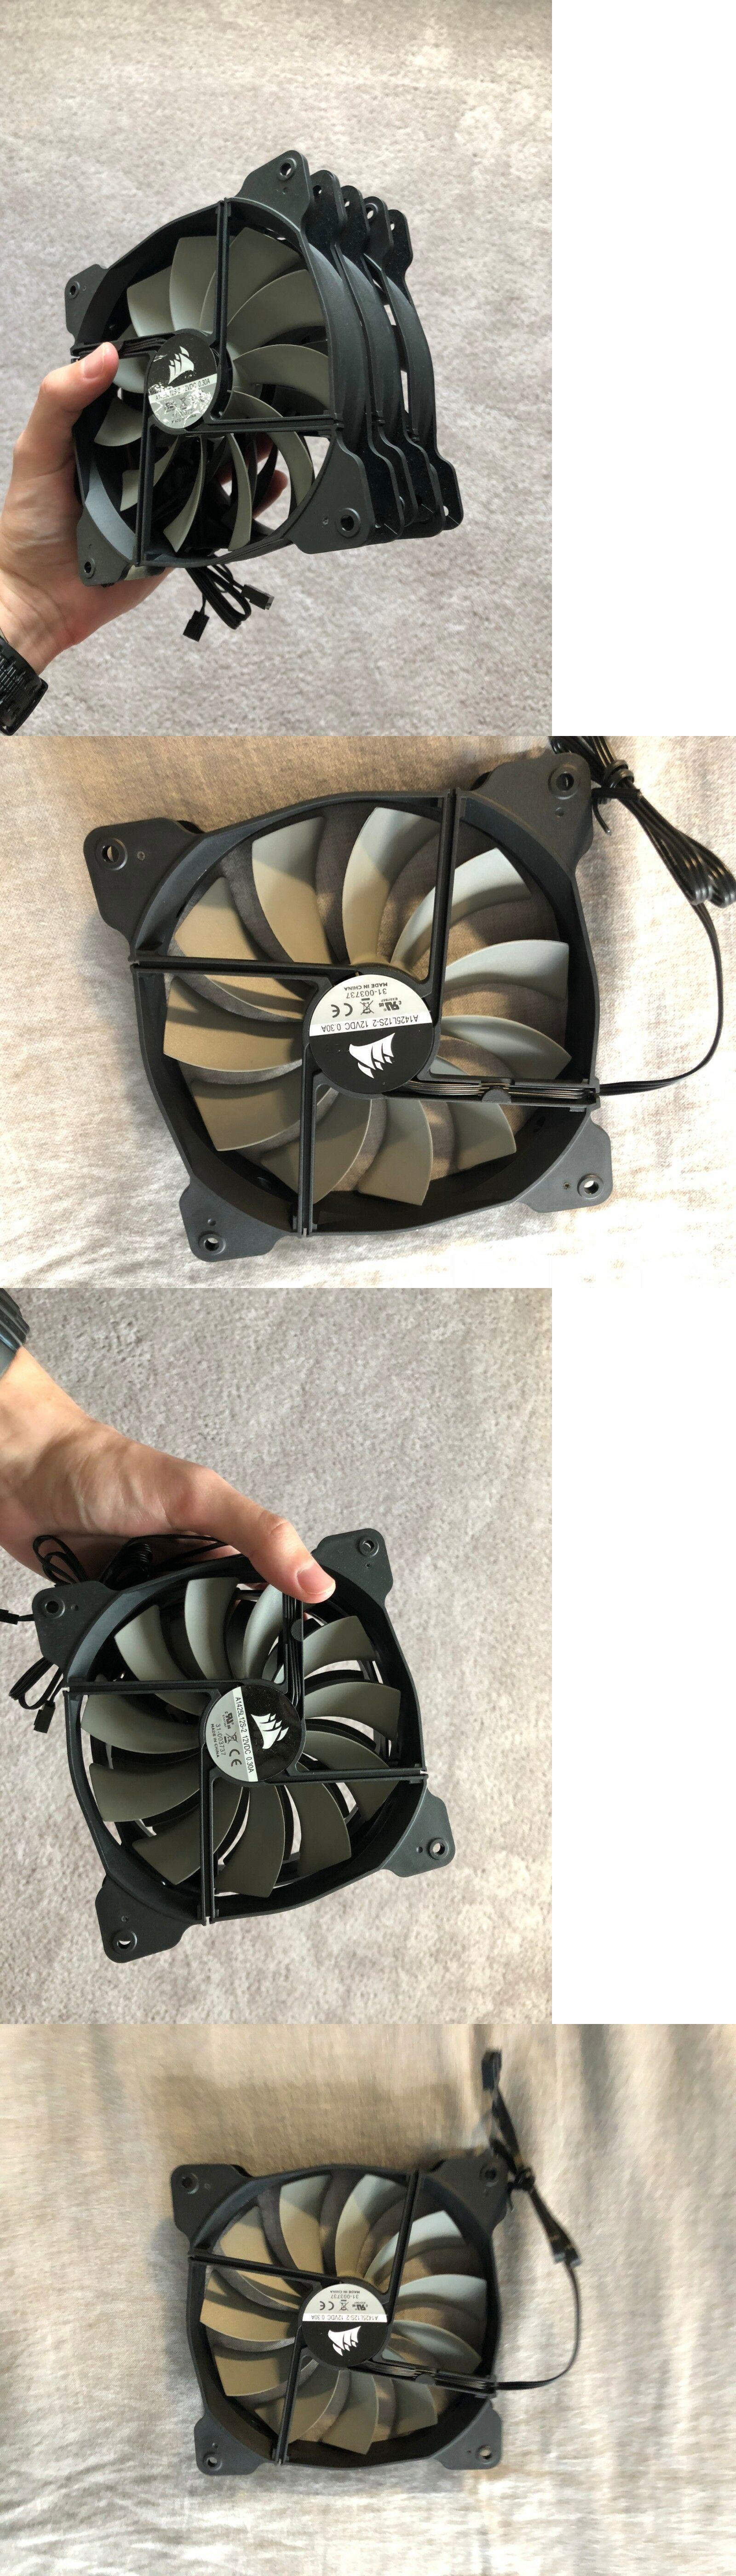 Corsair Air Series 140mm Case Fan  A1425L12S-2 US Seller